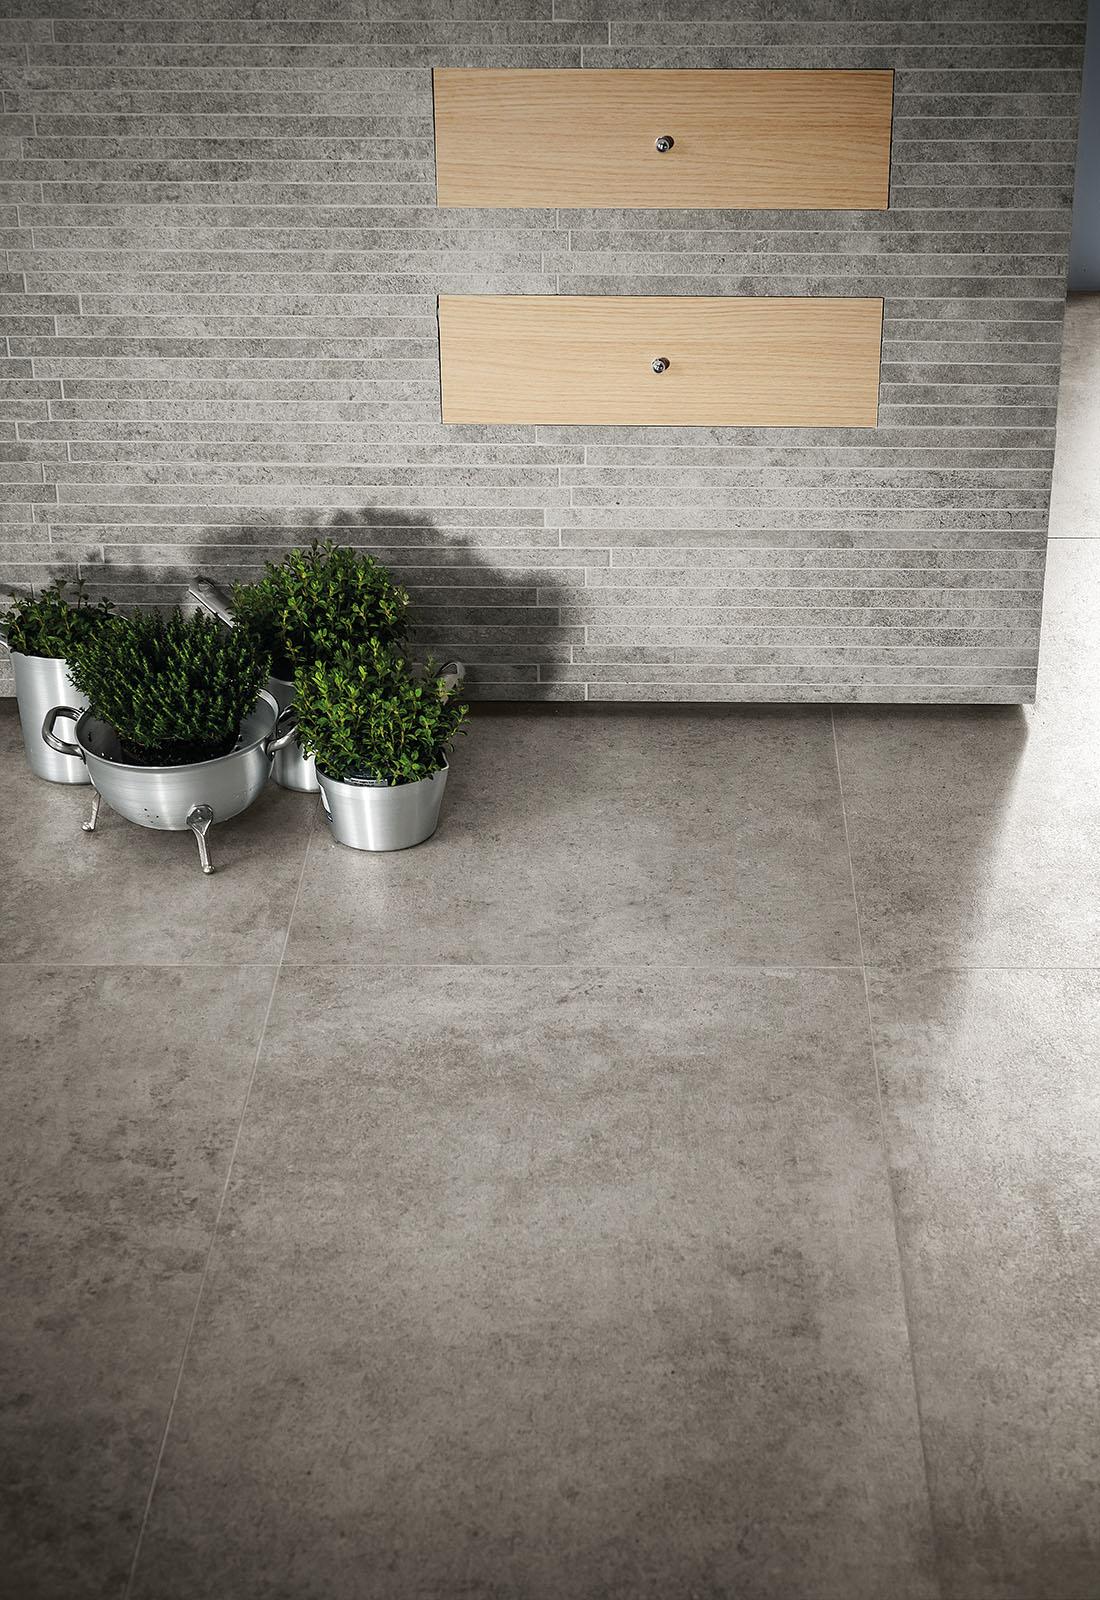 Gres porcellanato effetto cotto e cemento marazzi for Gres effetto cemento